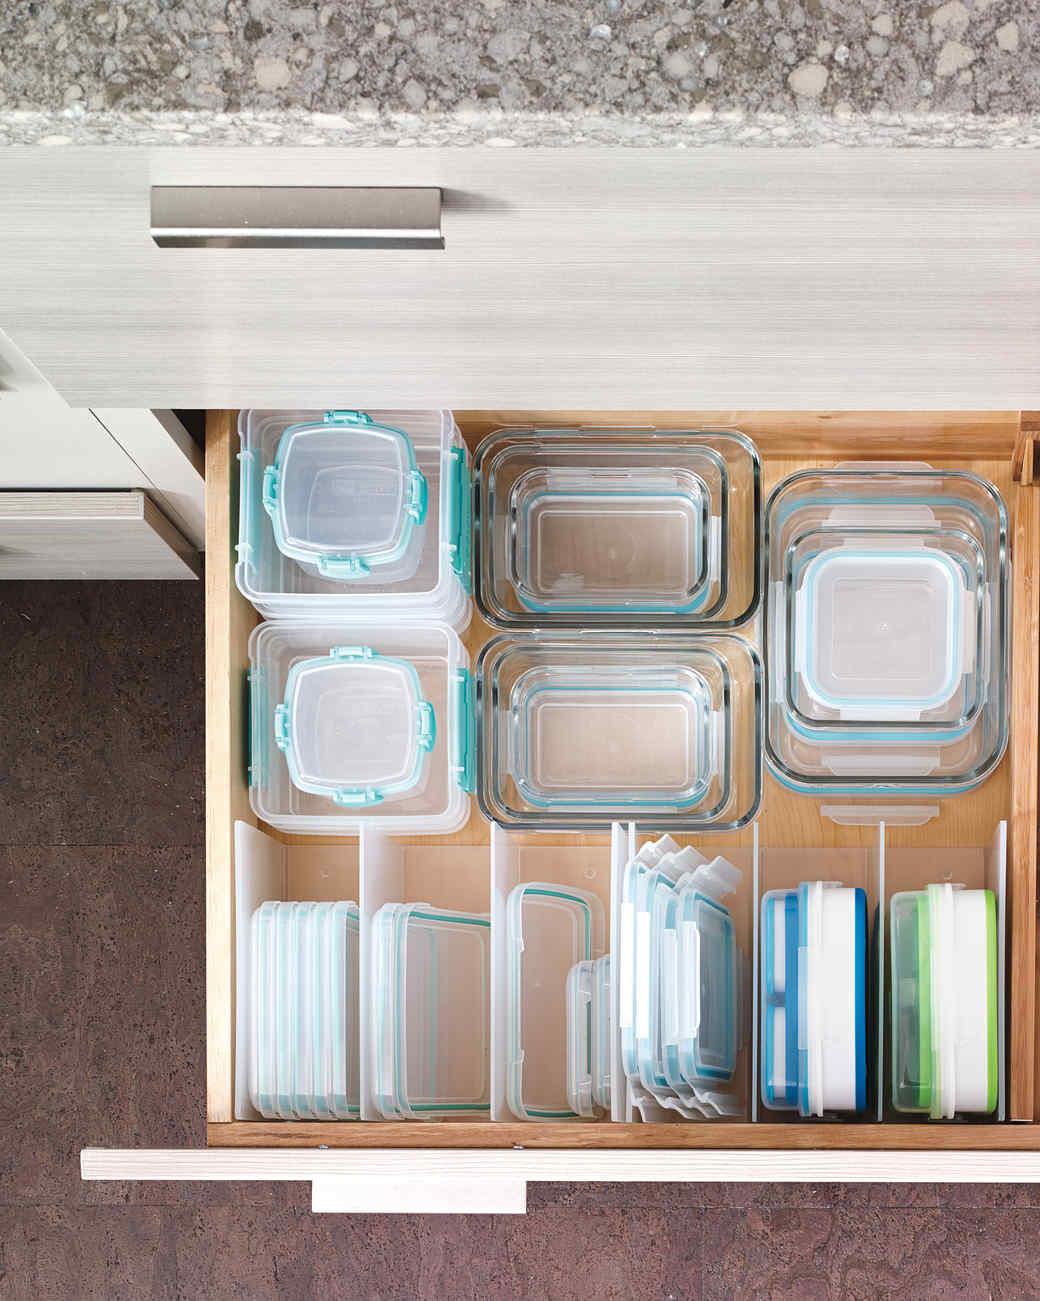 martha_stewart_food_storage.jpg